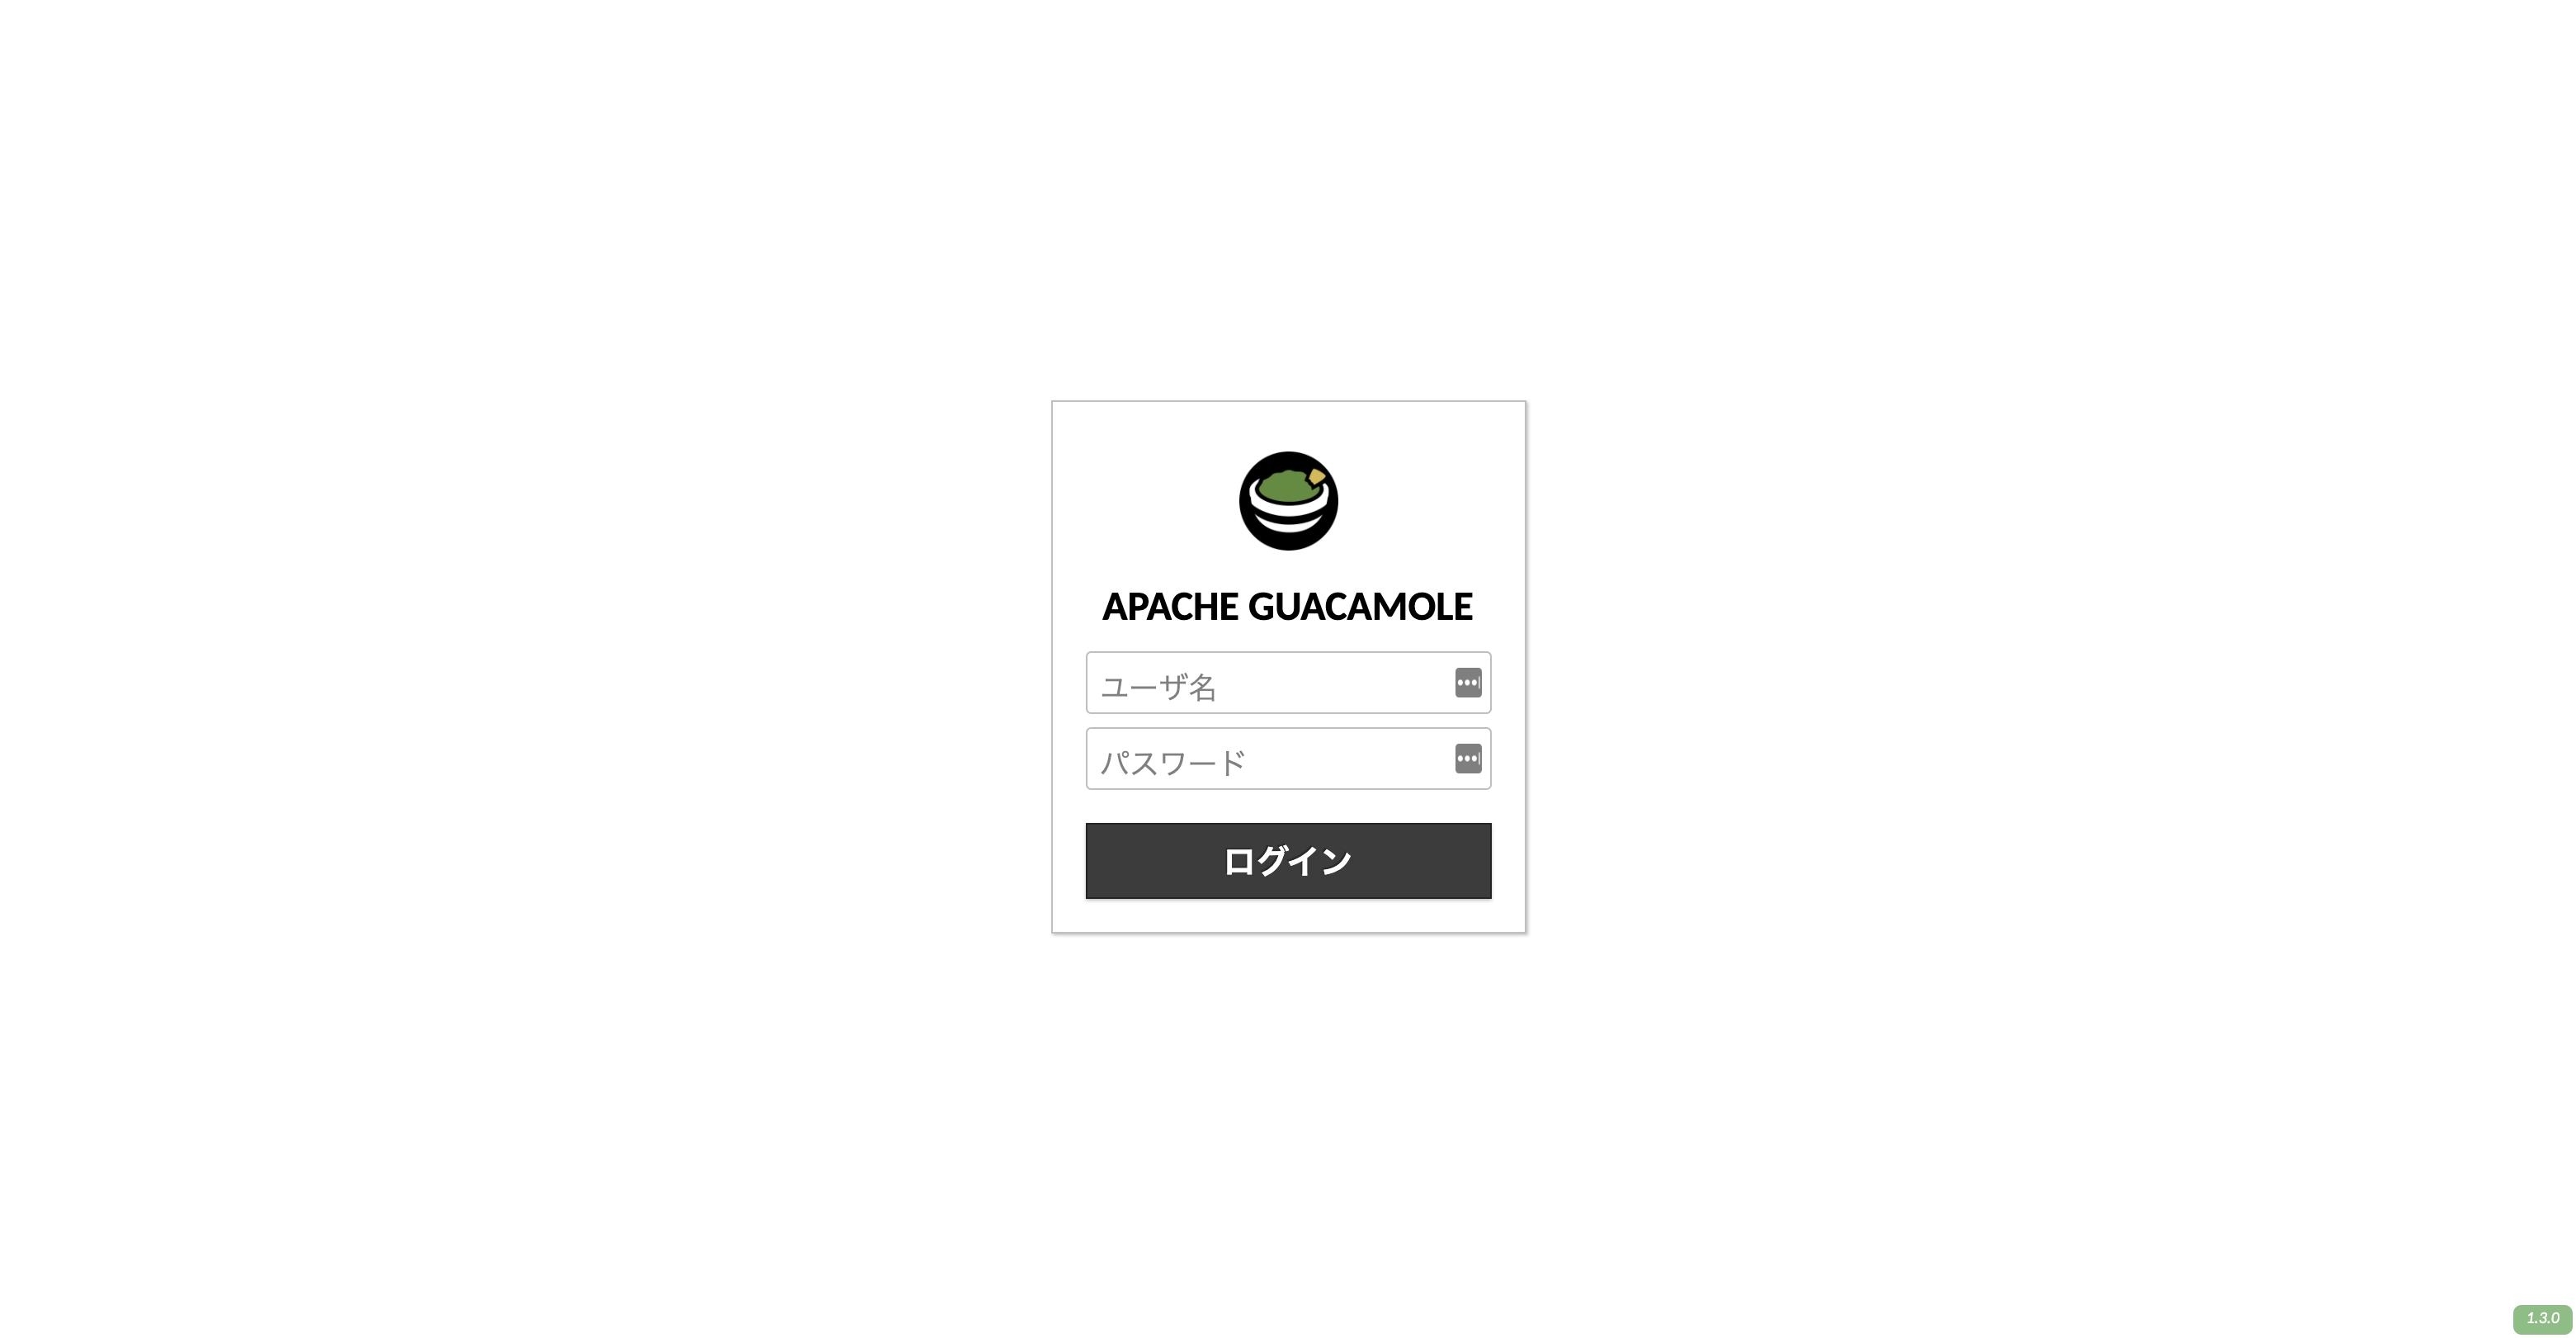 Guacamole ログイン画面